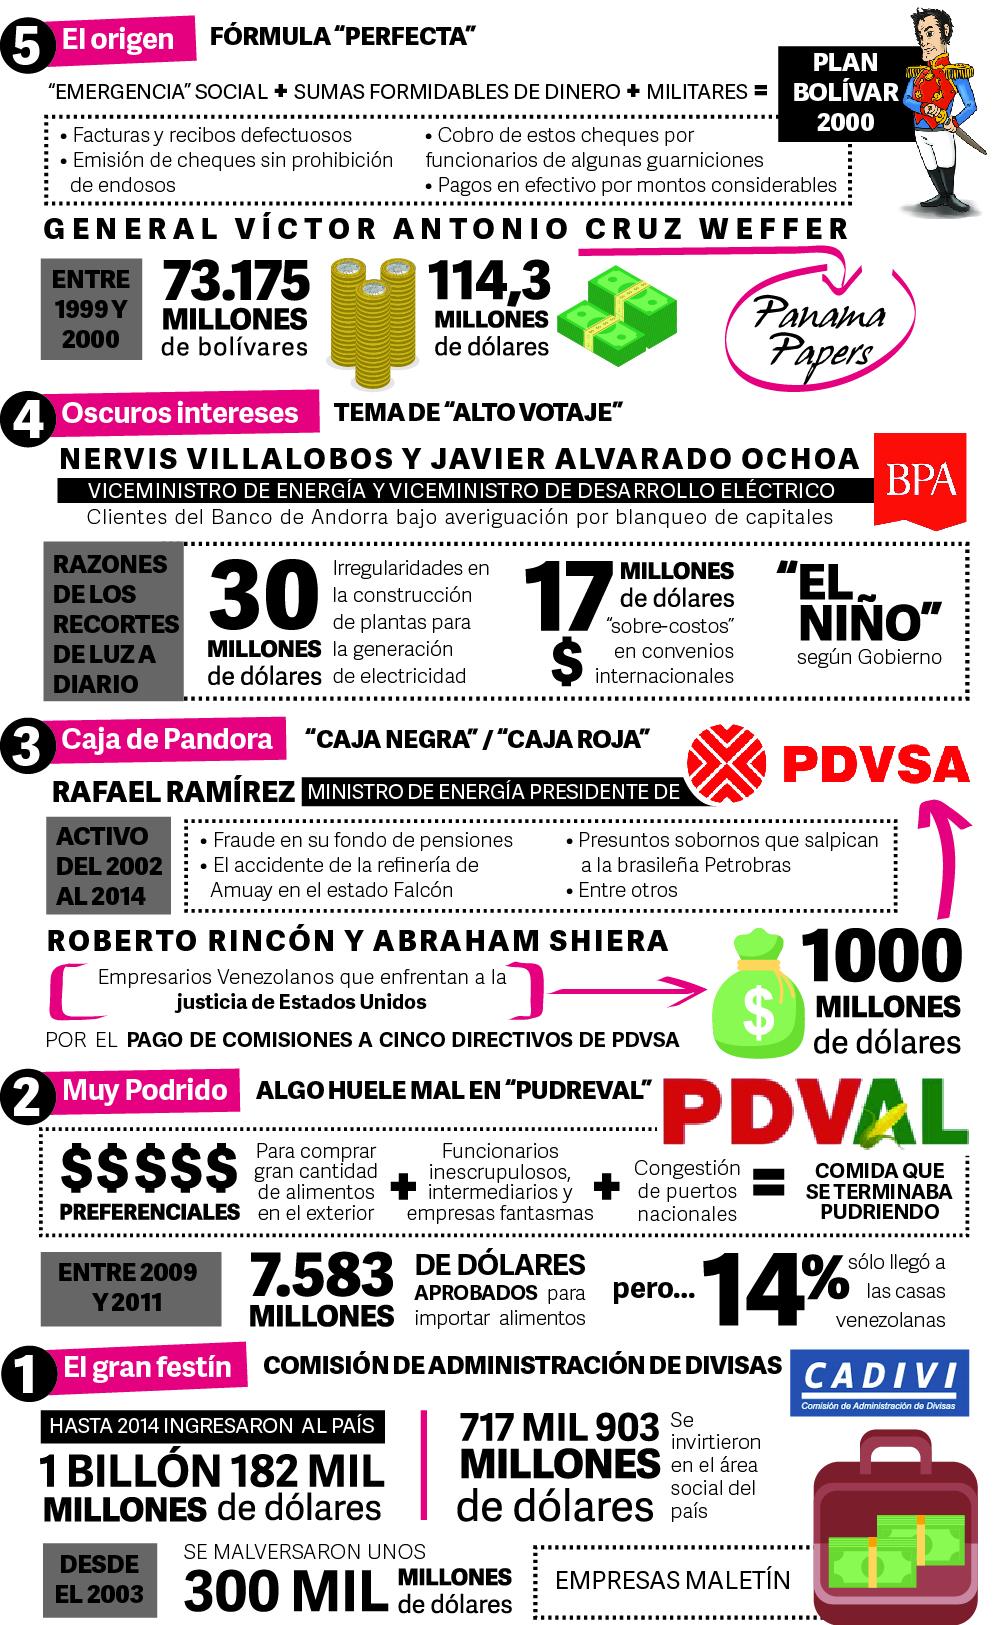 VueltaALaPatria - Noticias y  Generalidades - Página 9 Info_corrupcion